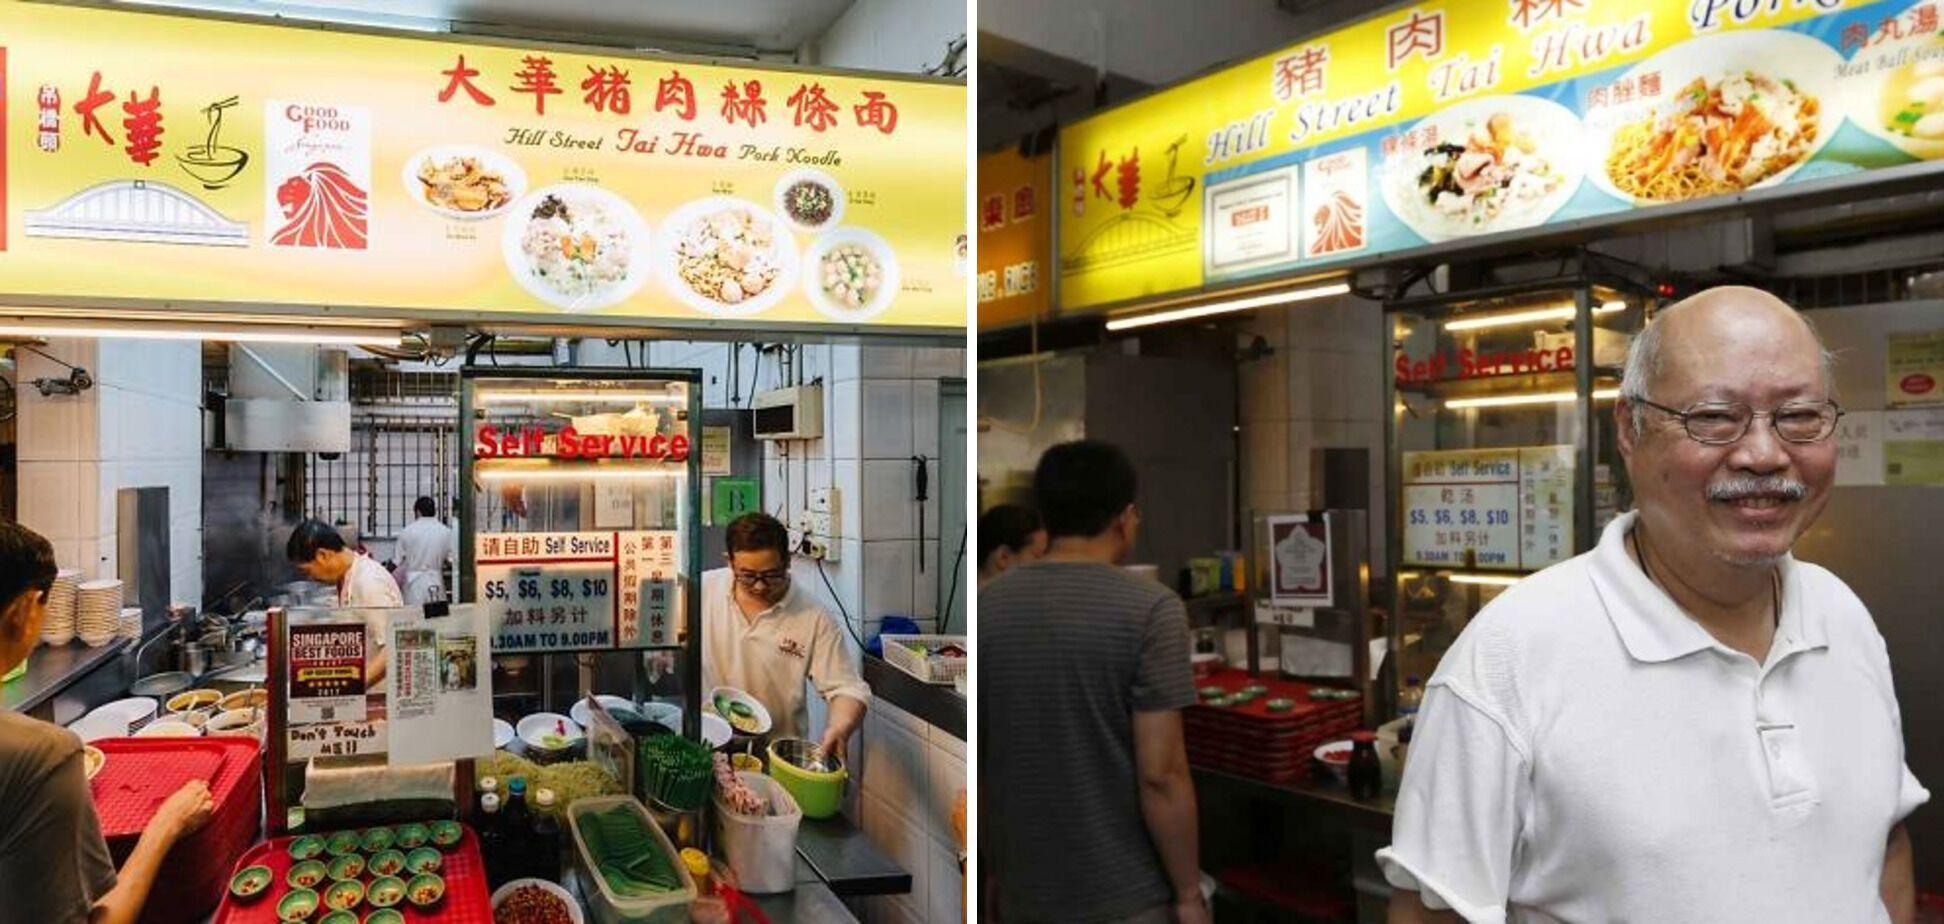 Єдиний ресторан з Мішленівською зіркою в Сінгапурі – Hill Street Tai Hwa Pork Noodle.